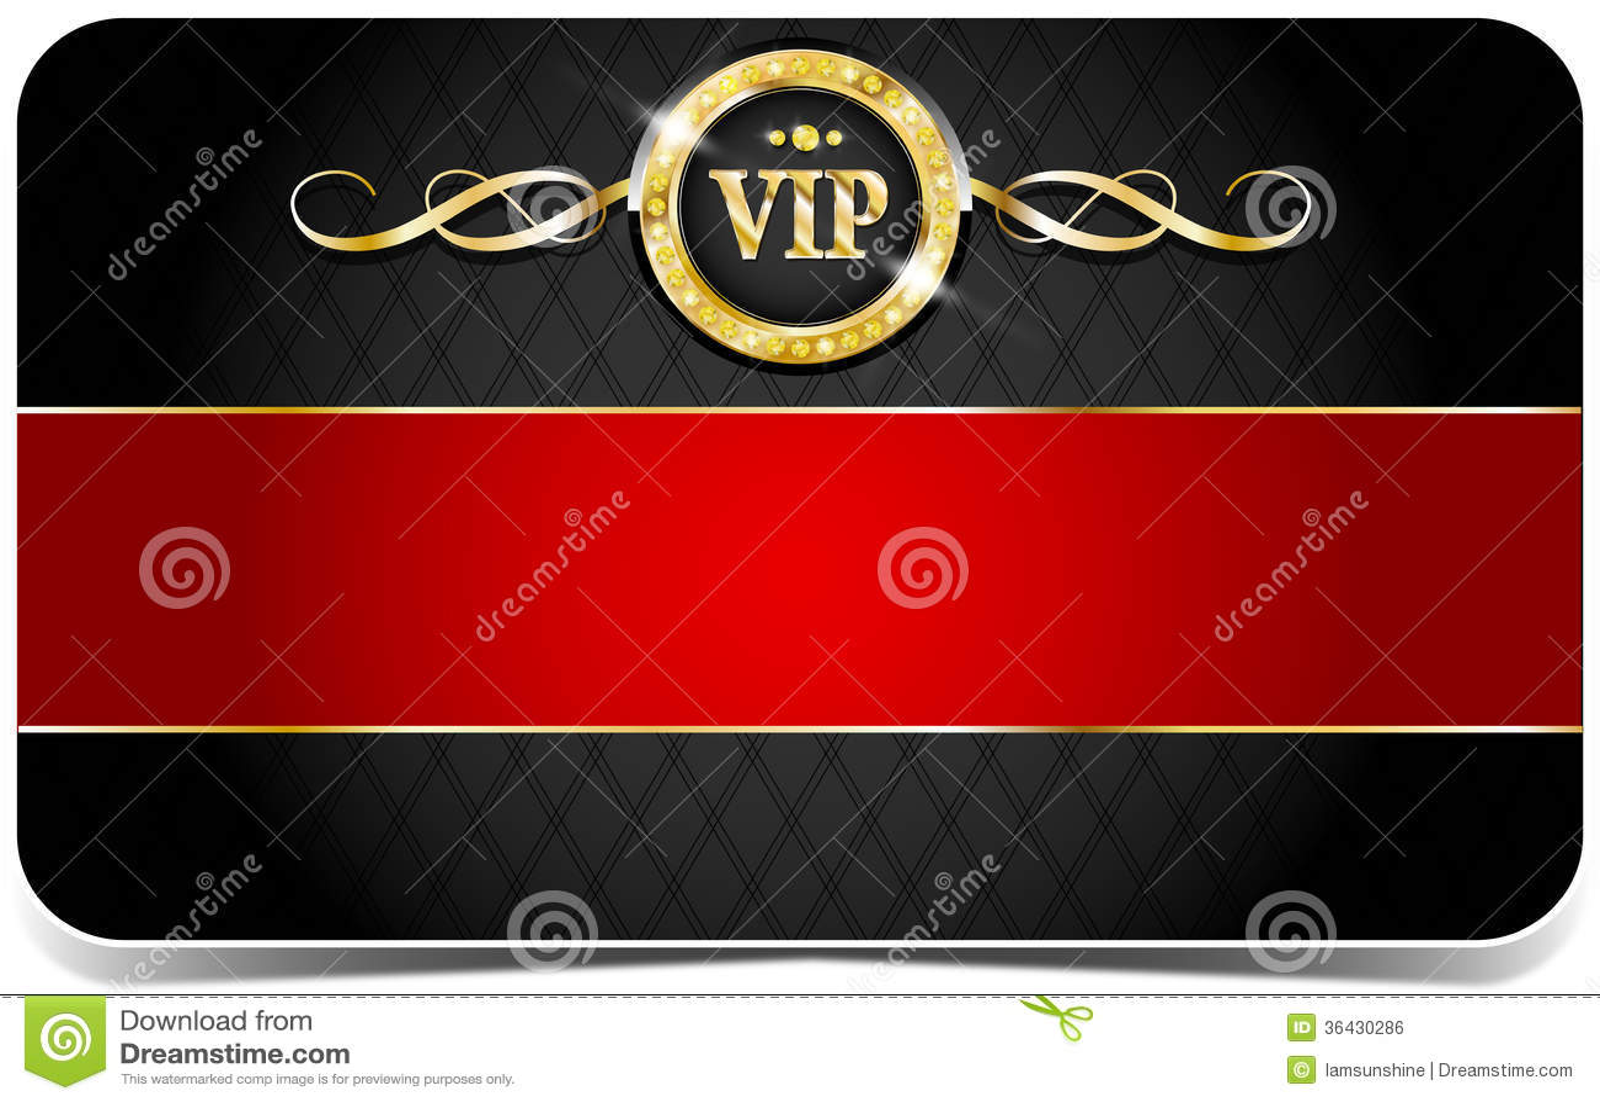 Invitation Vip was nice invitation example